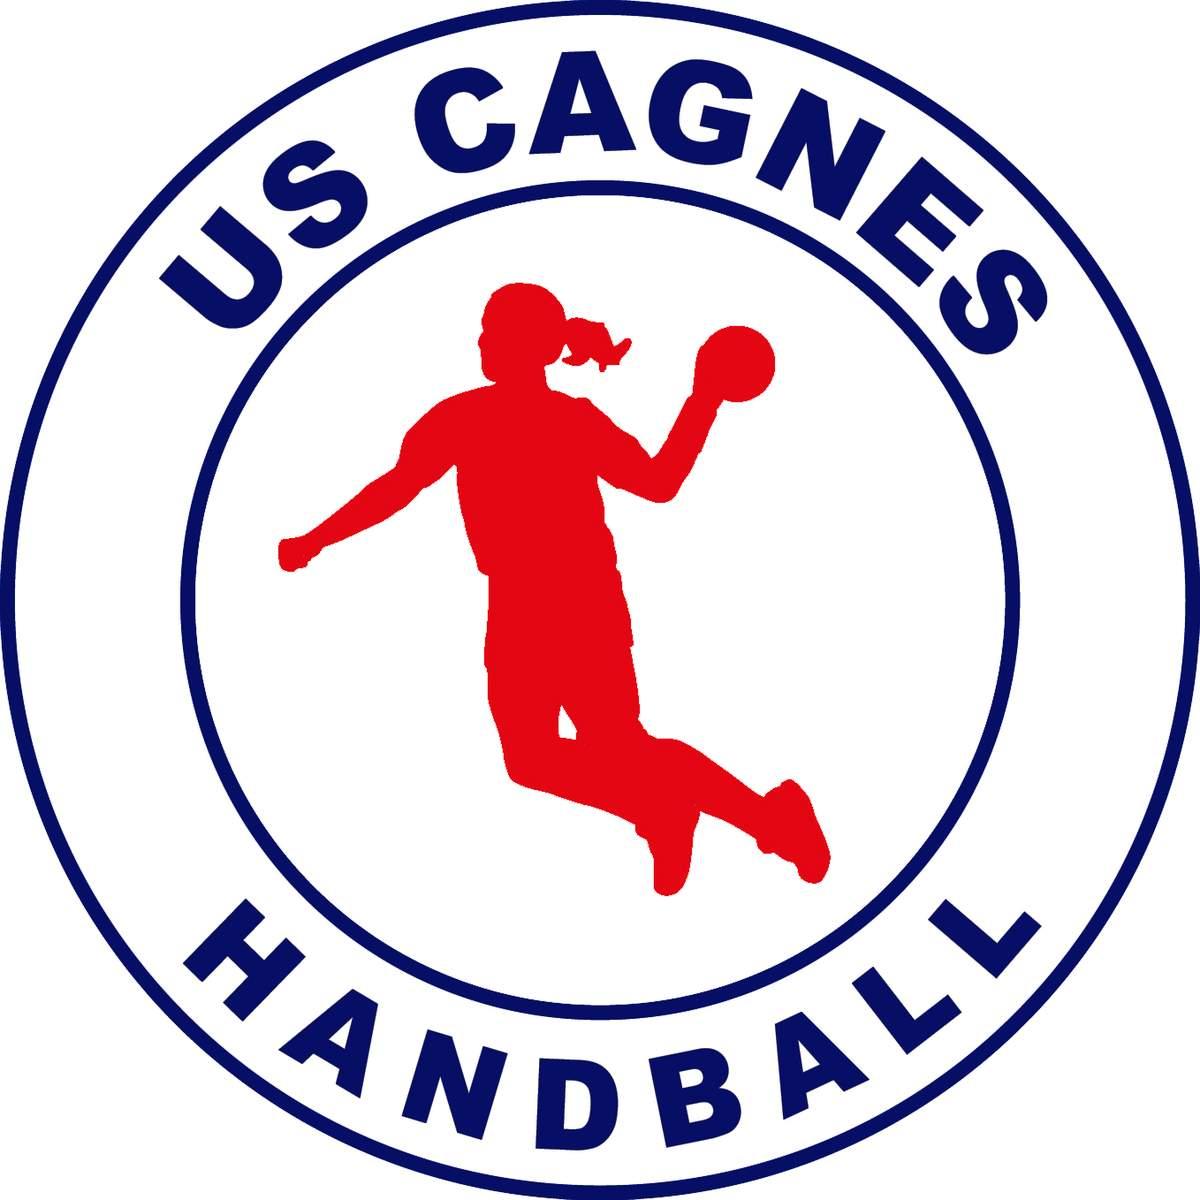 Street handball logo